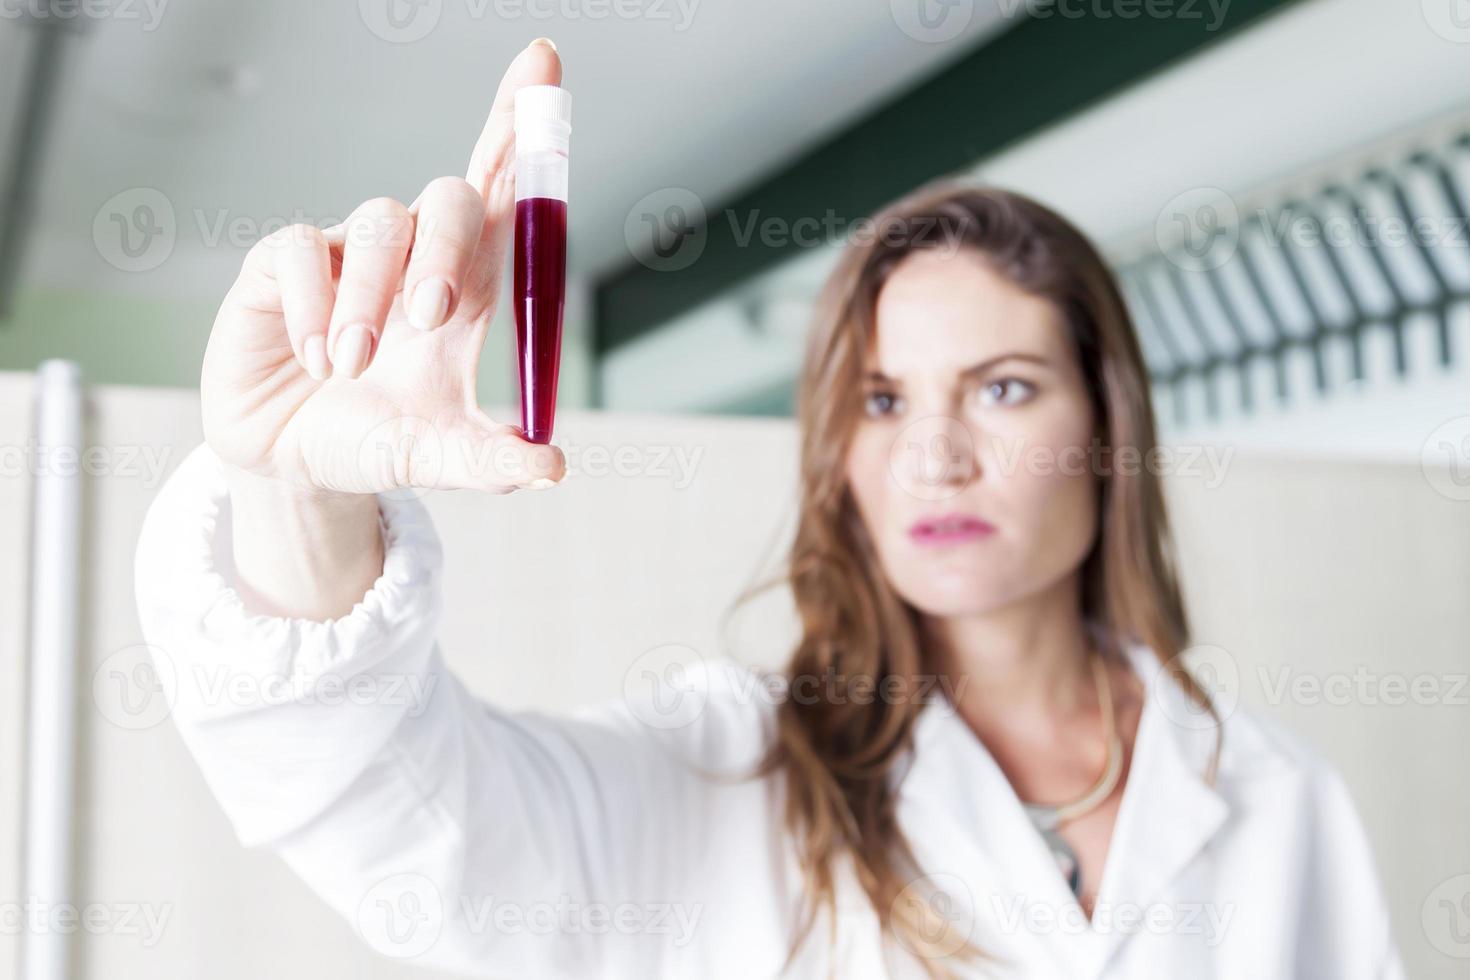 doctora examina el tubo de sangre en laboratorio foto